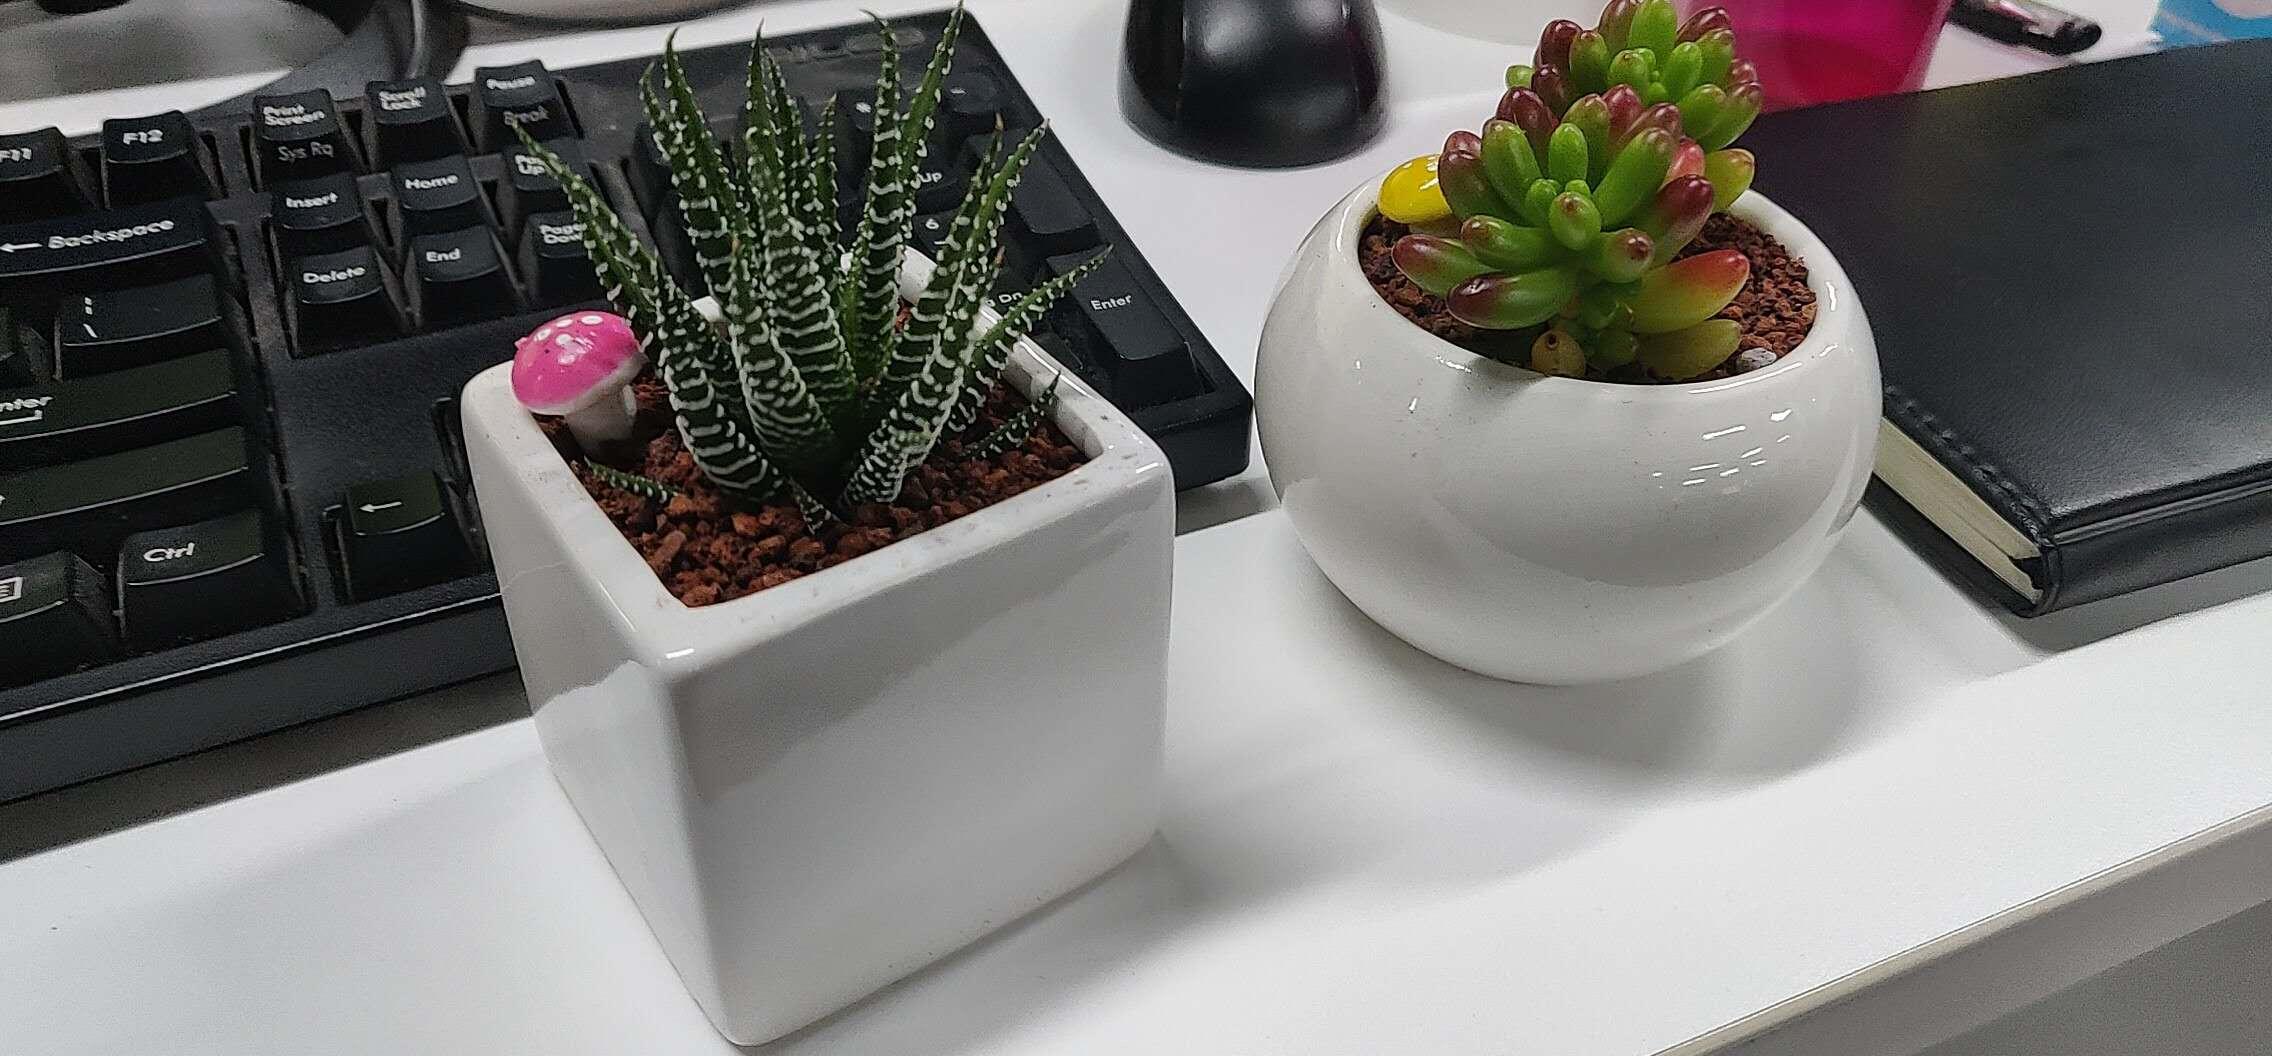 2020.04.11 - 植物